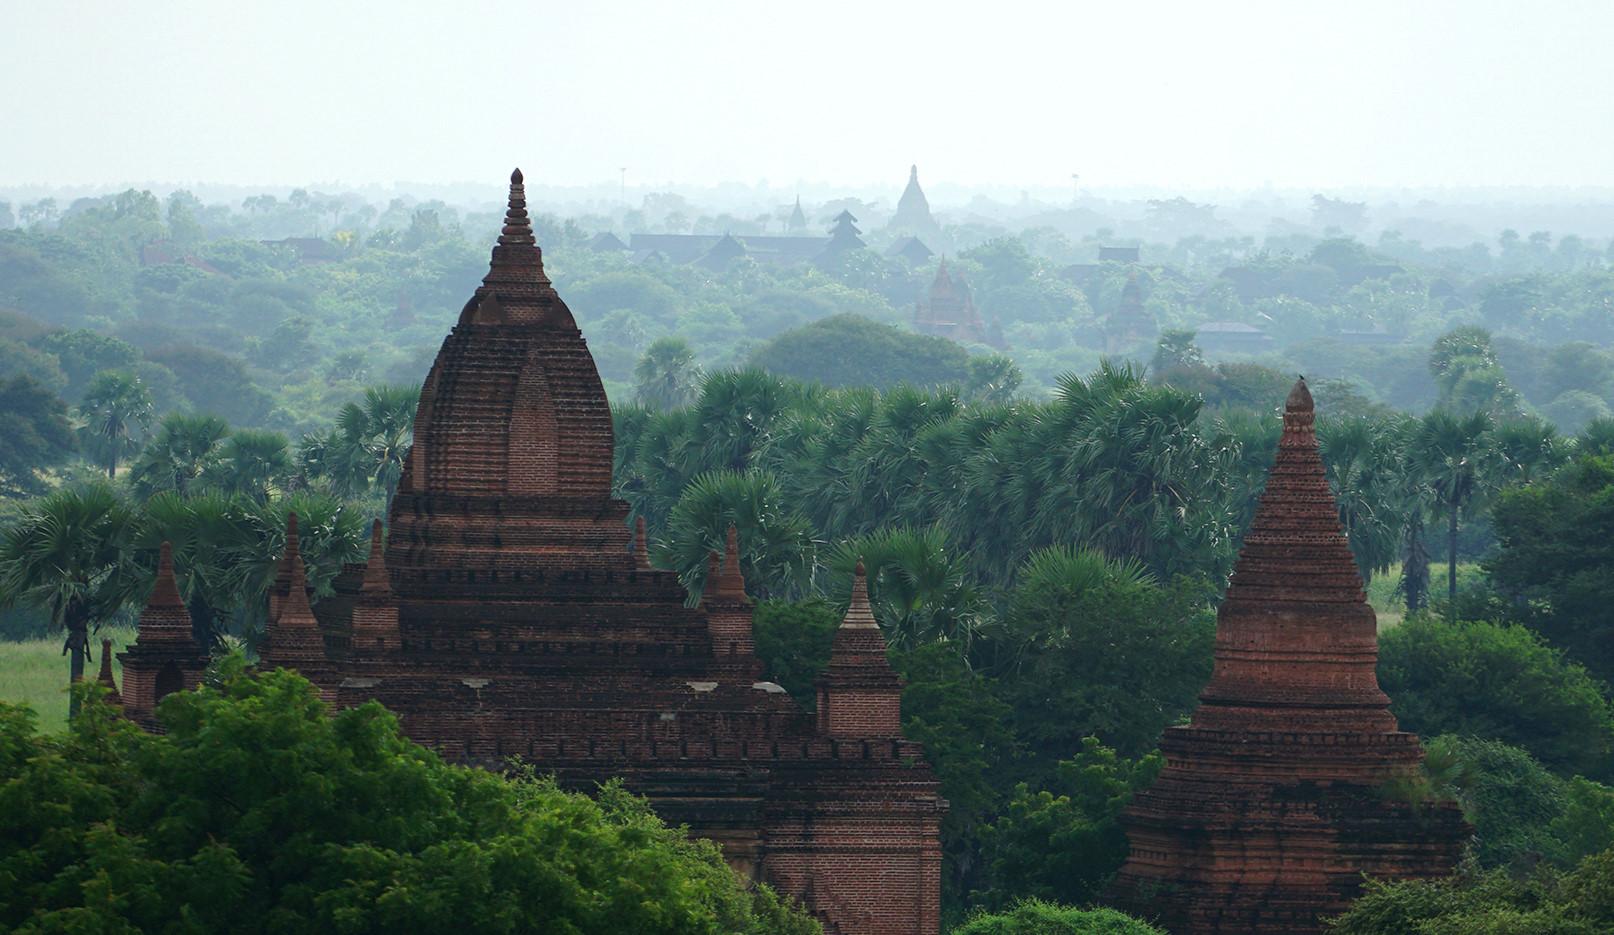 Nghỉ Tết Dương 2019, du lịch tự túc ở Myanmar hết bao nhiêu? Ảnh 1